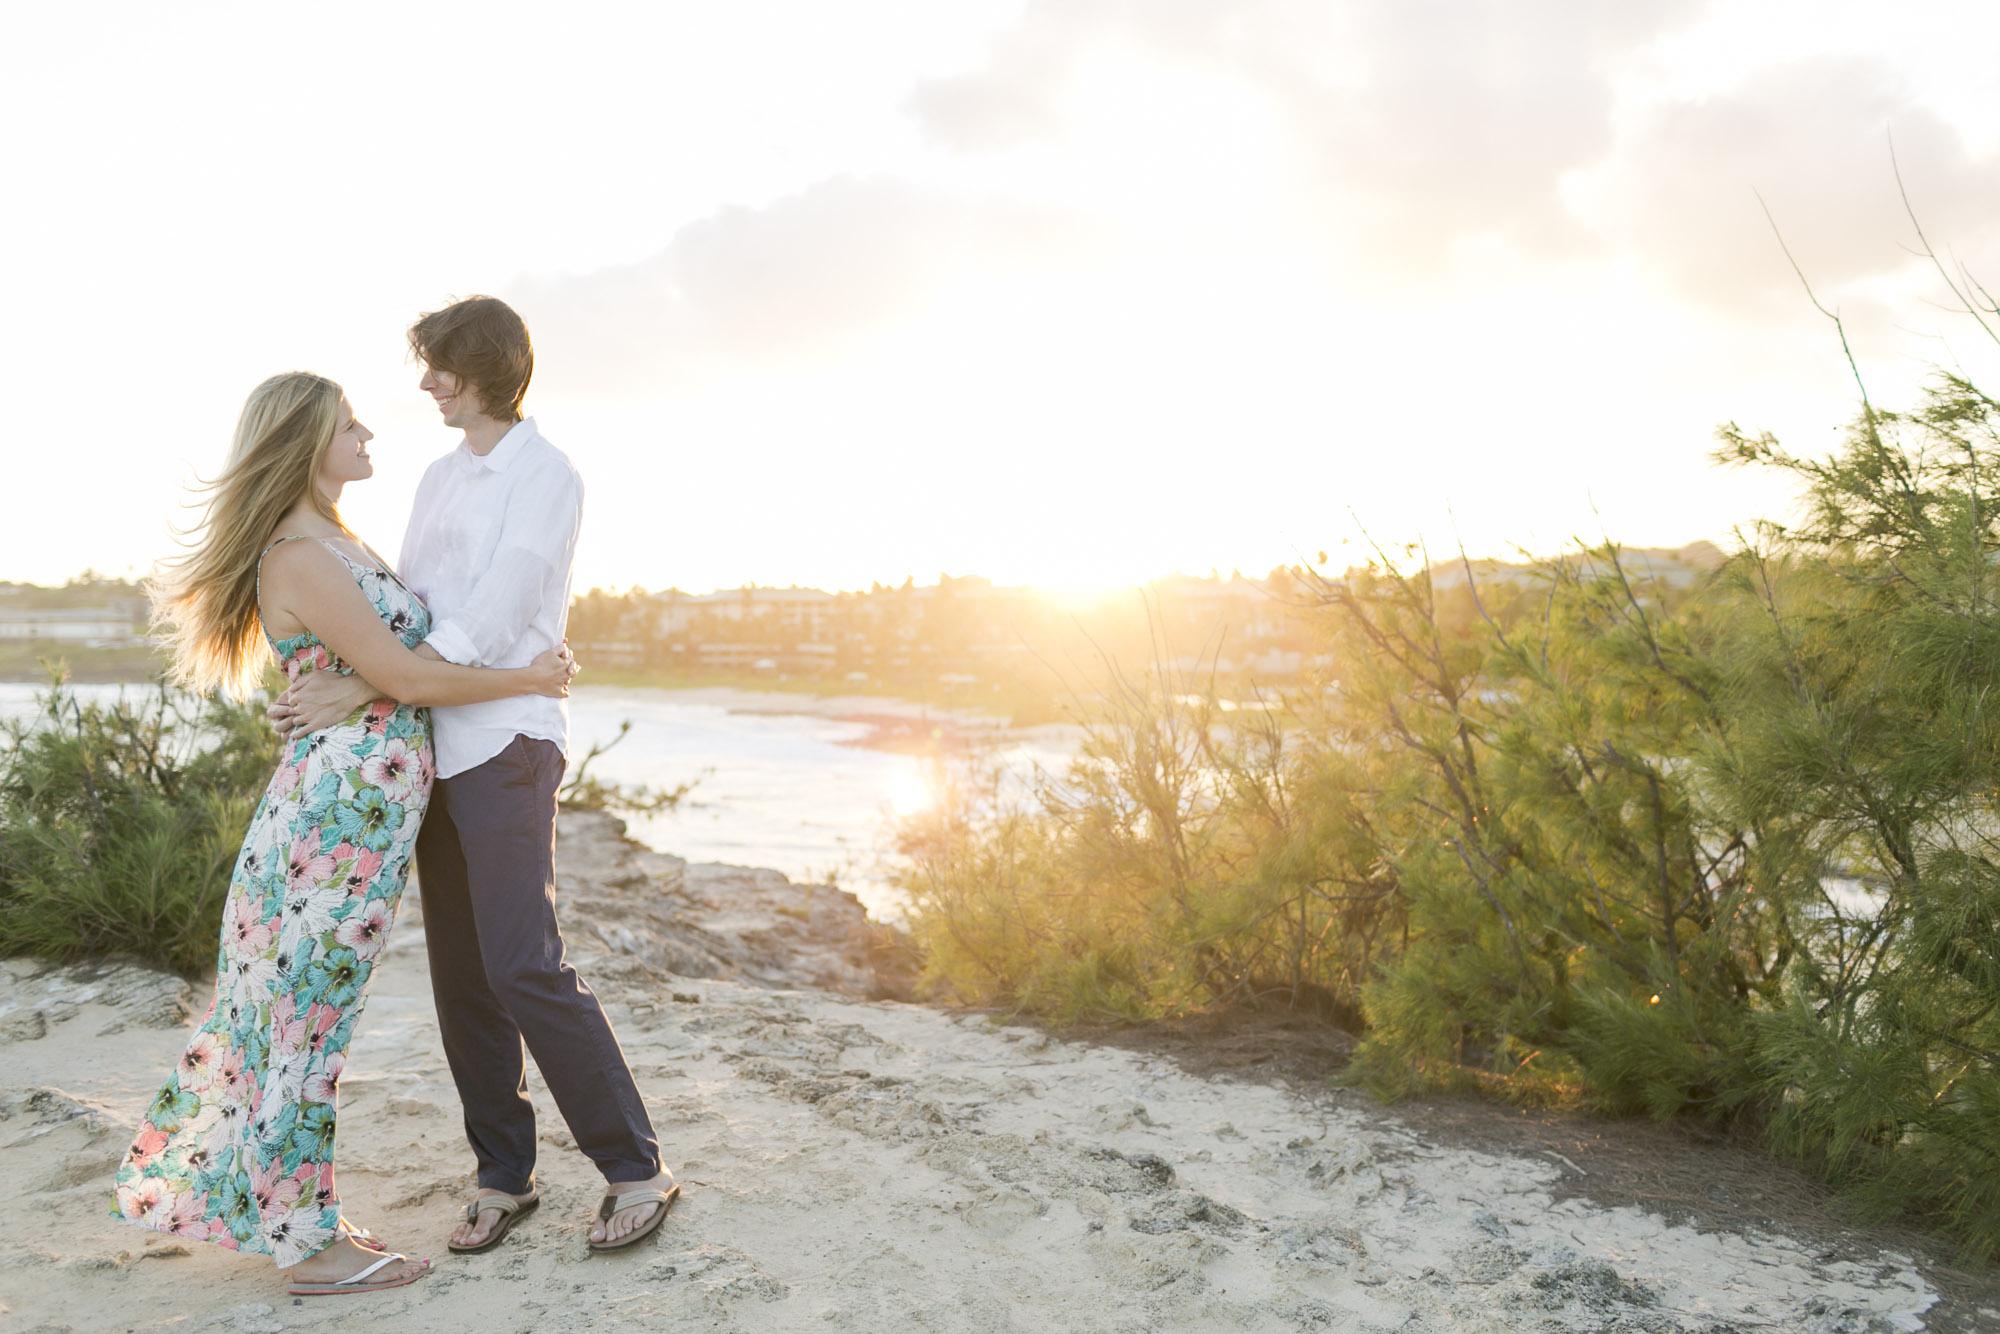 011_Epic_Cliff_Kauai_Beach_Engagement.jpg